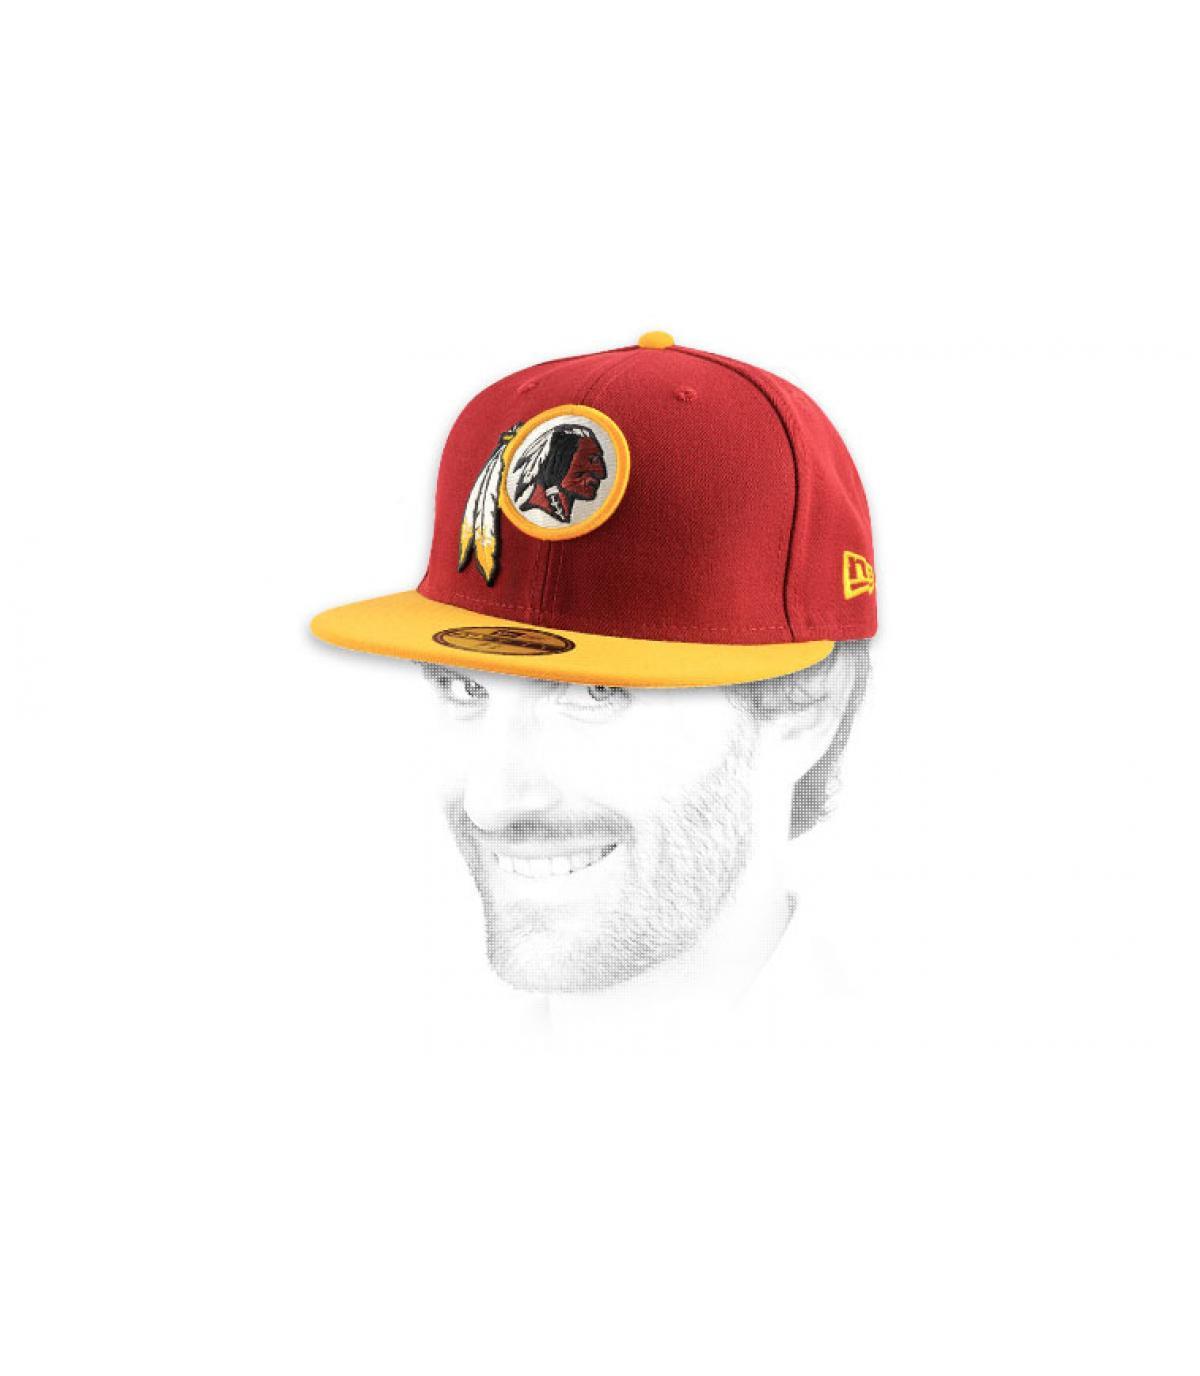 Détails Casquette Redskins 59fifty rouge - image 6